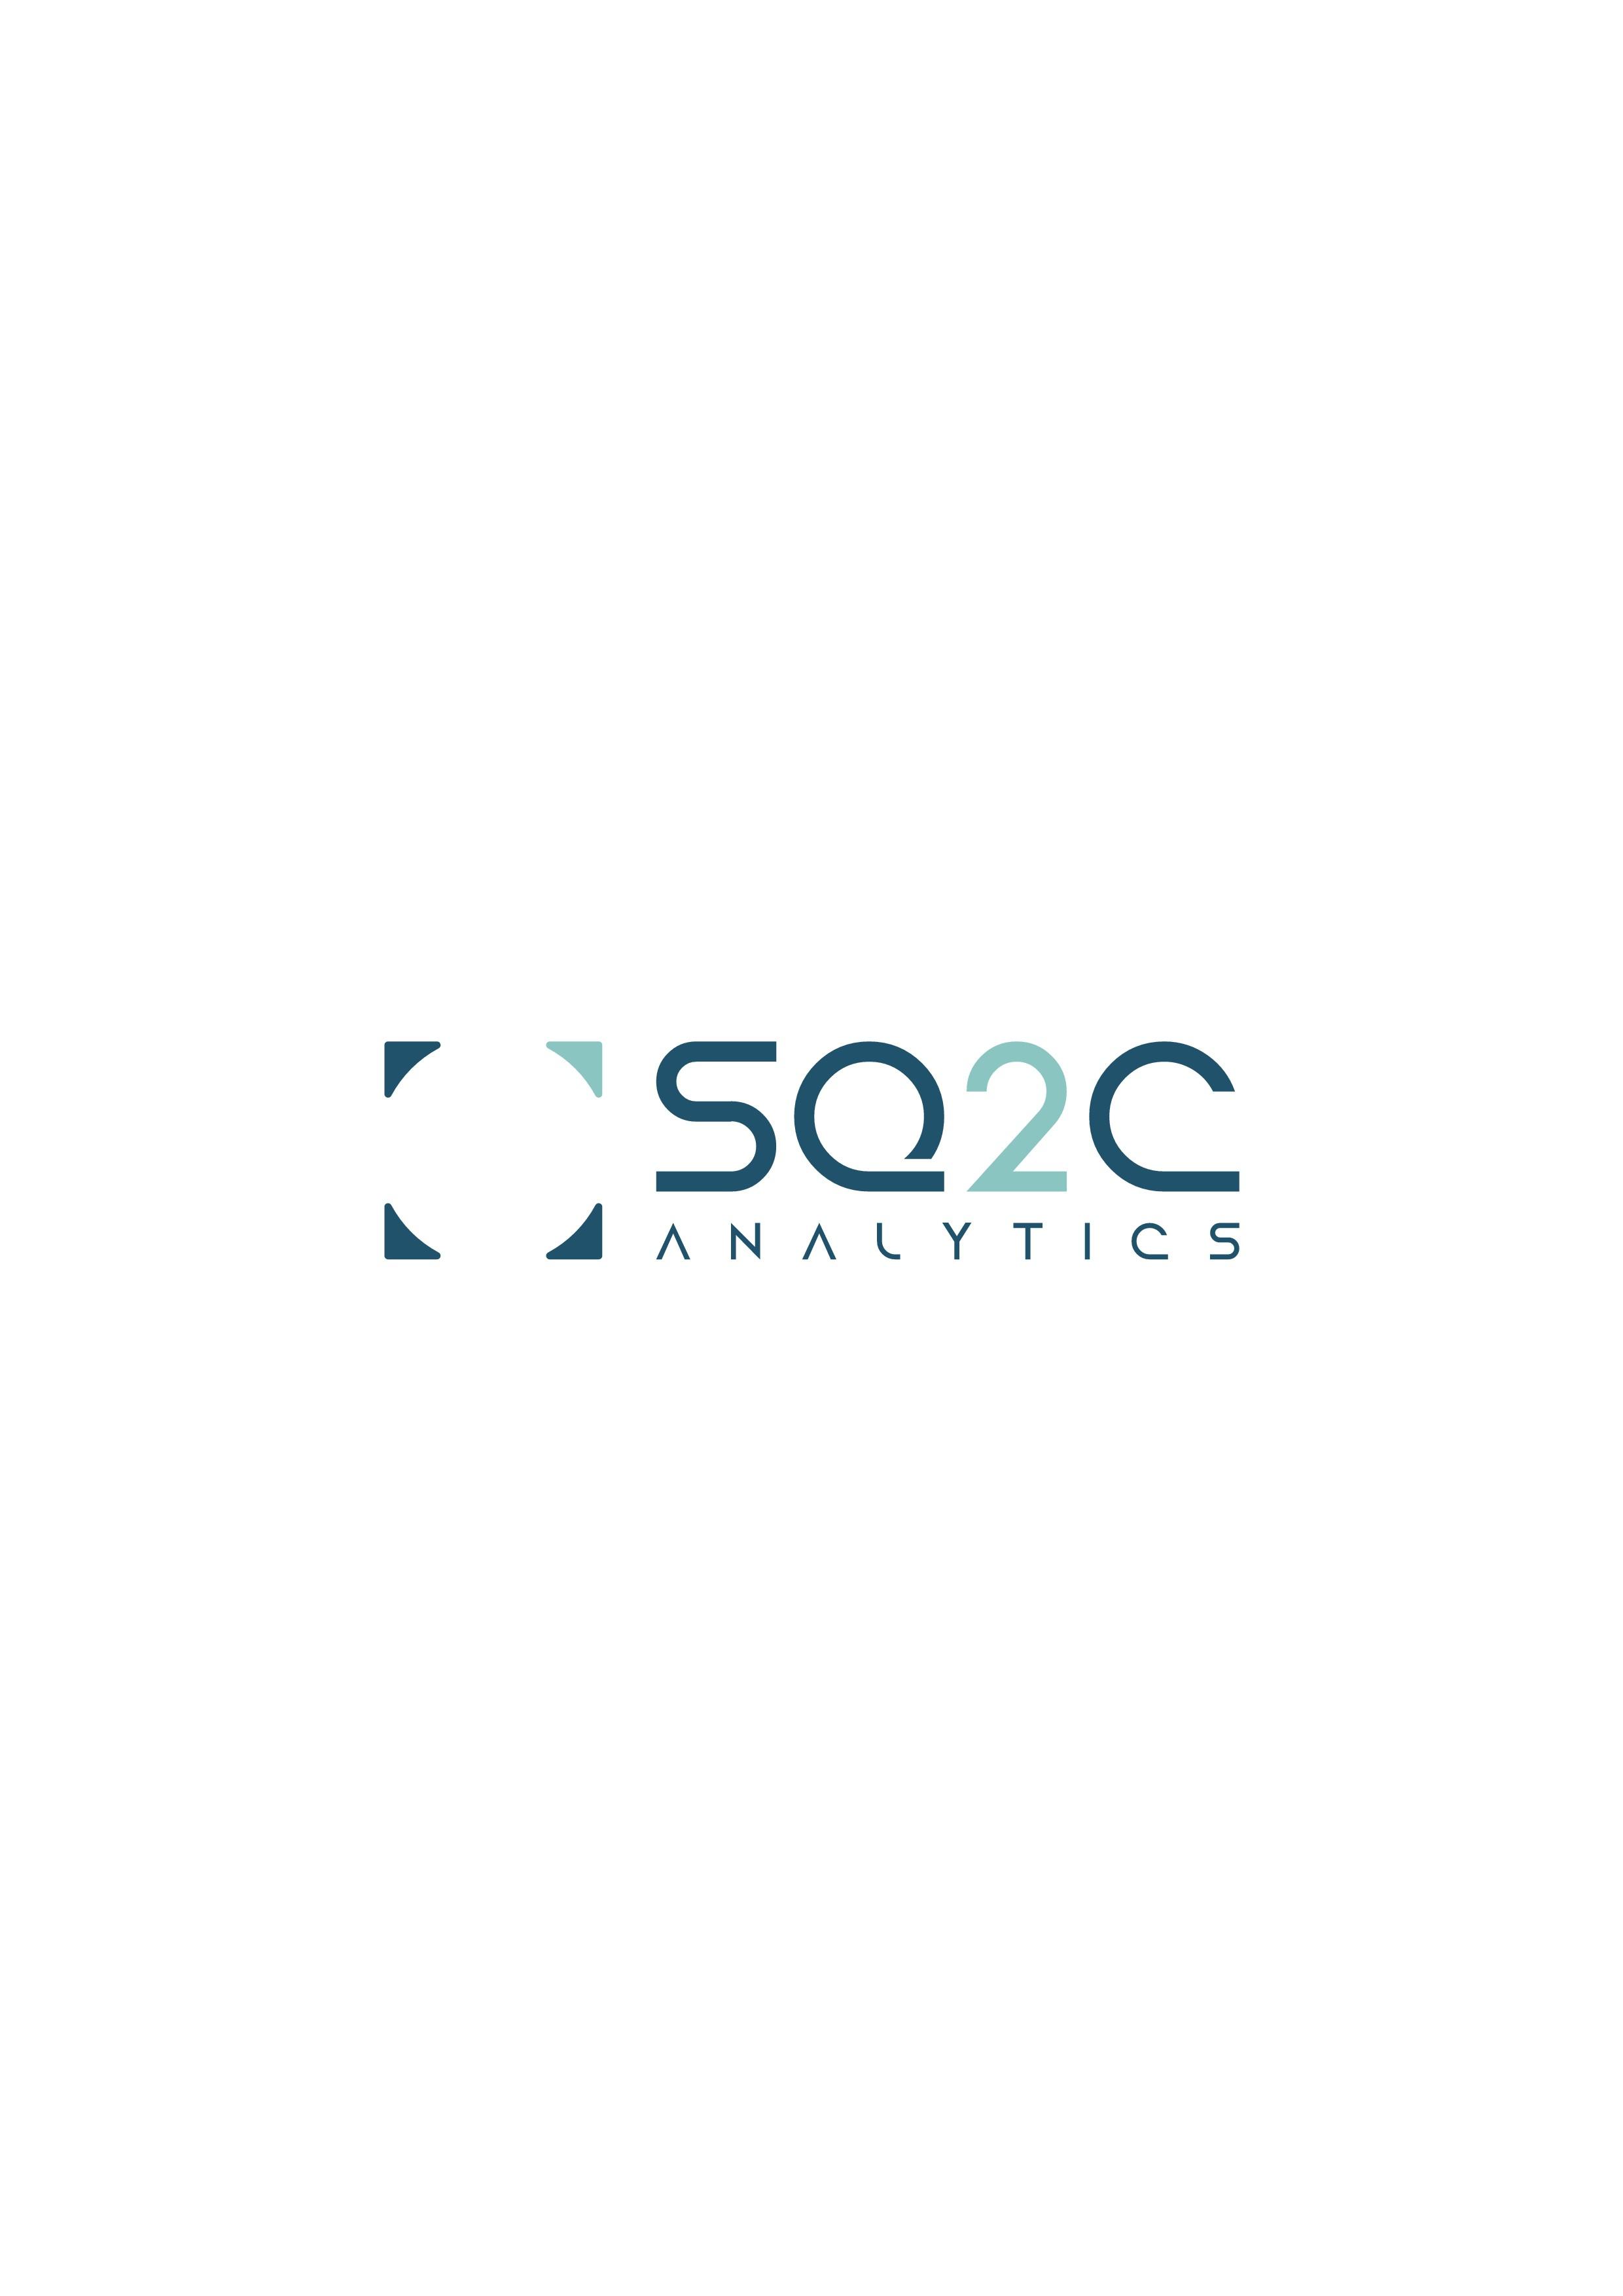 Help create an innovative logo for an Analytics (BI) tech start-up!